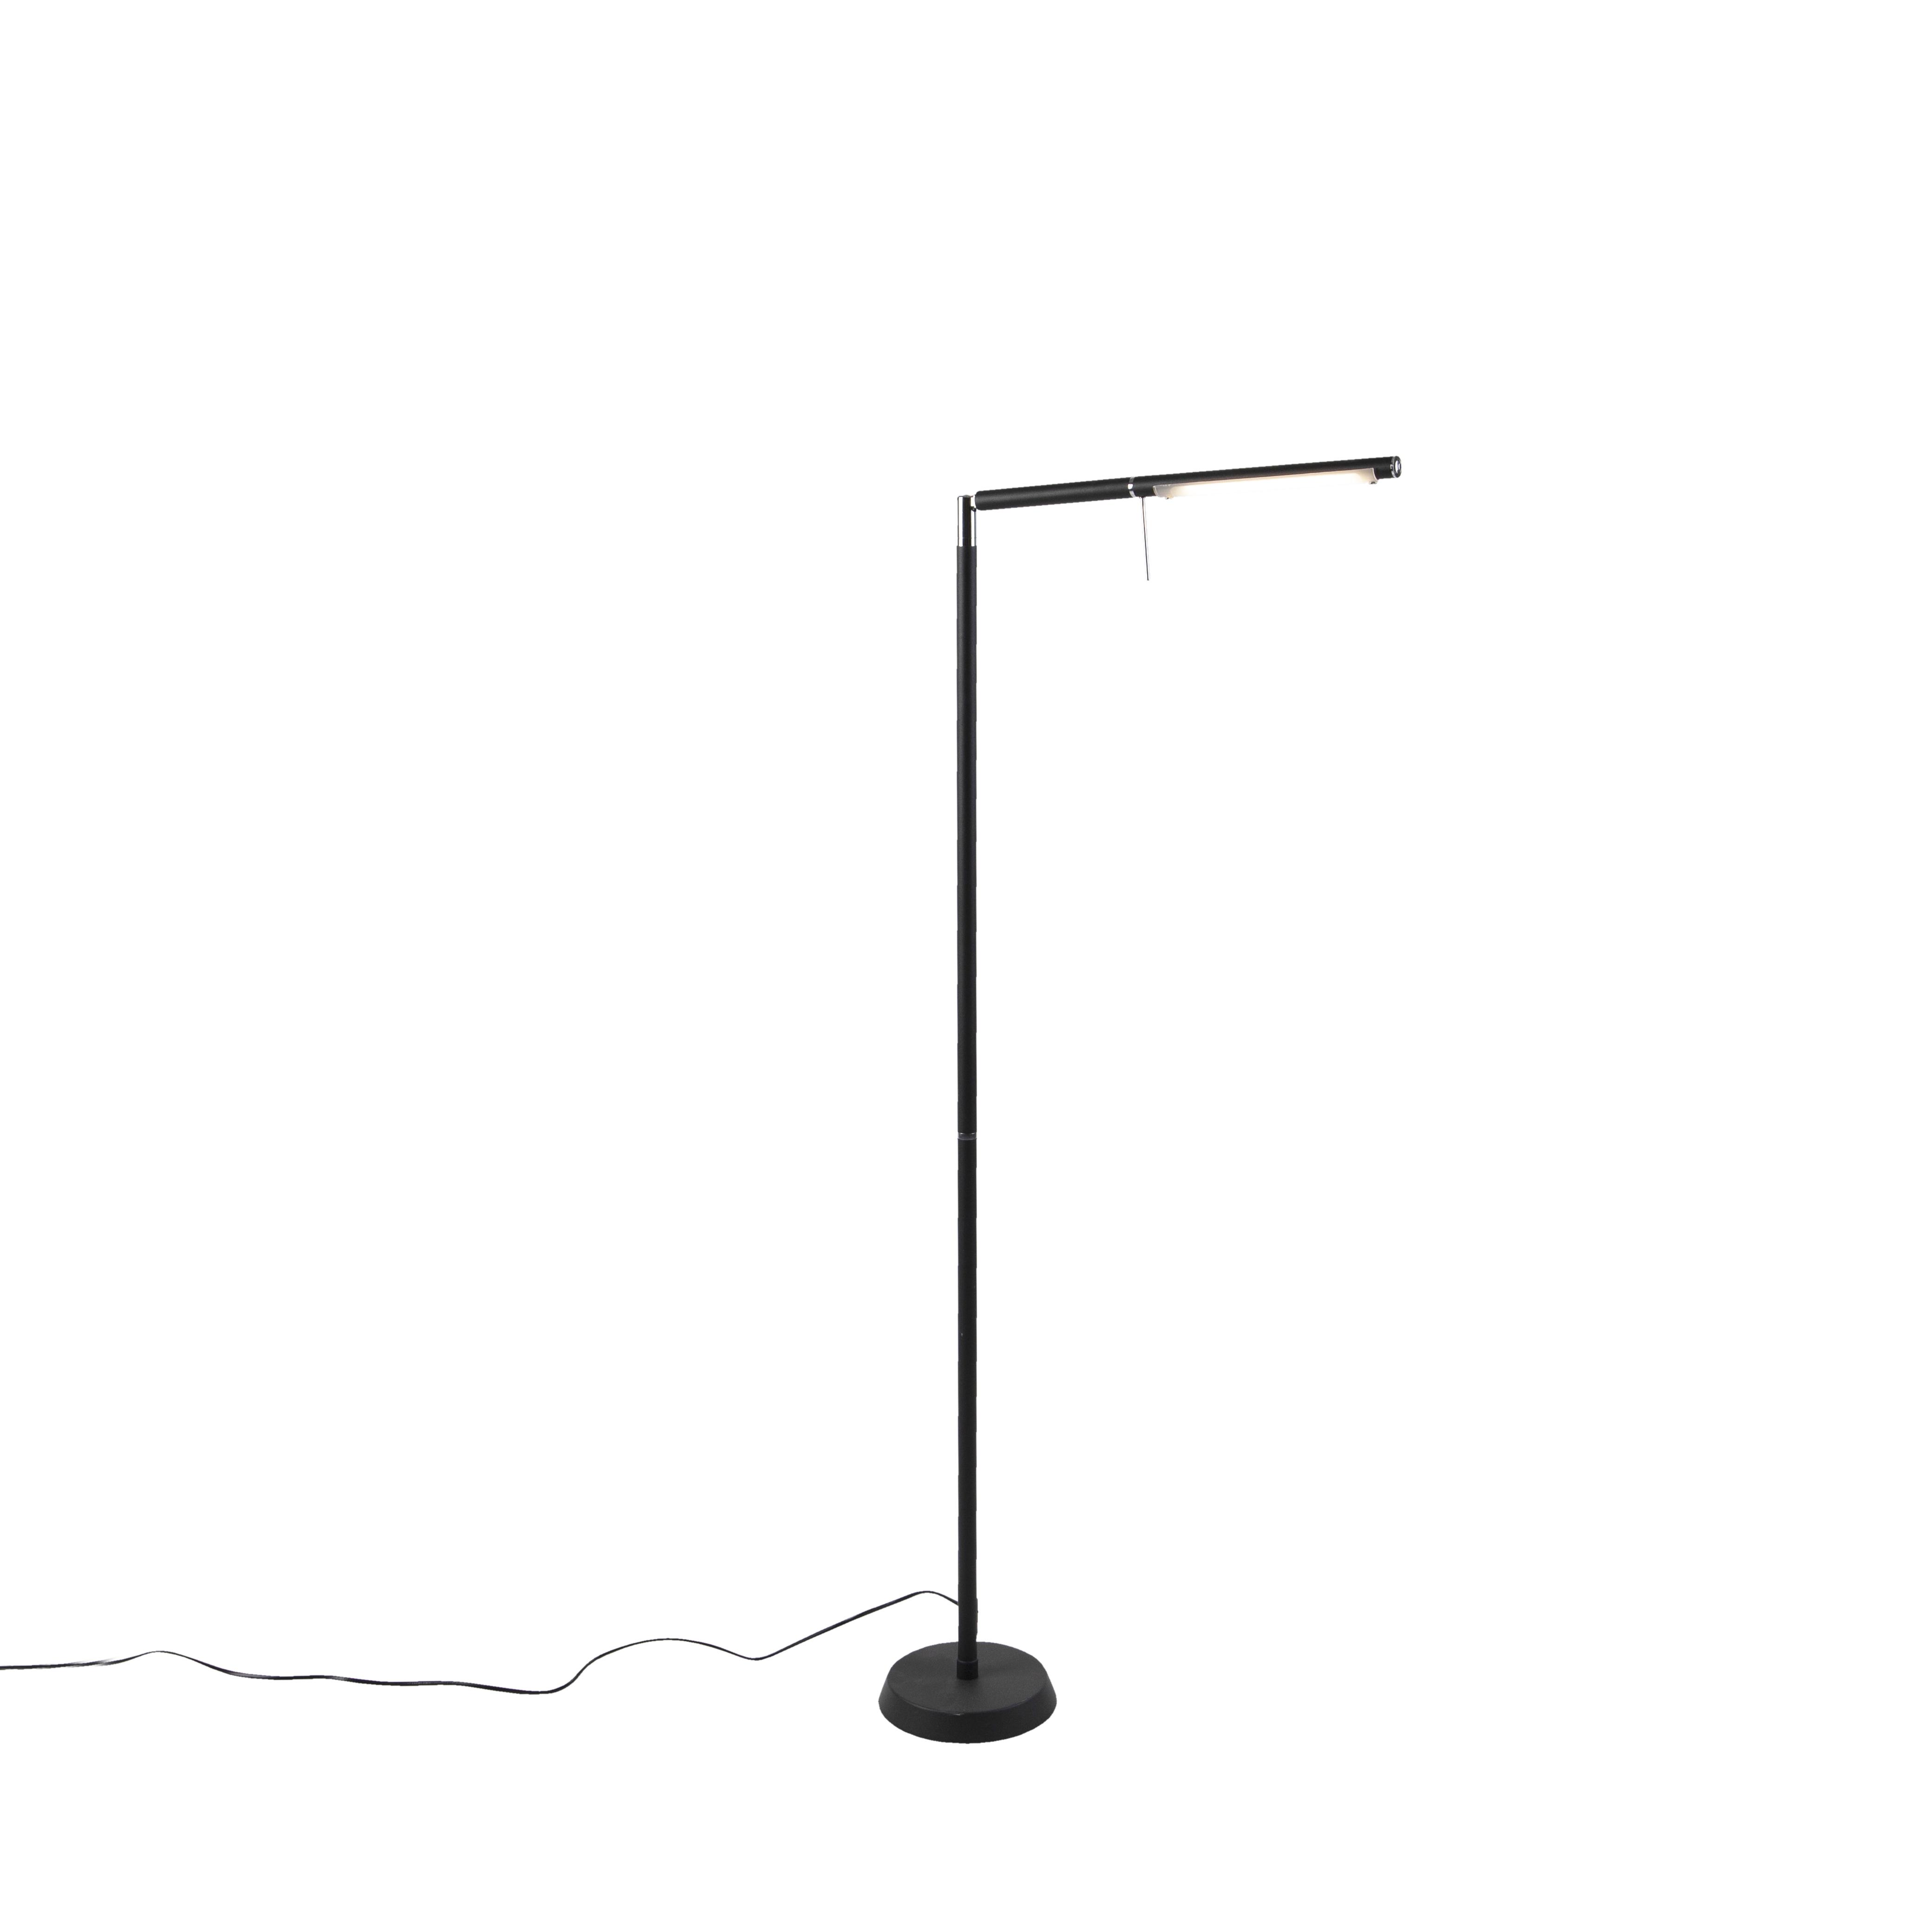 Moderne vloerlamp zwart incl. LED - Grando